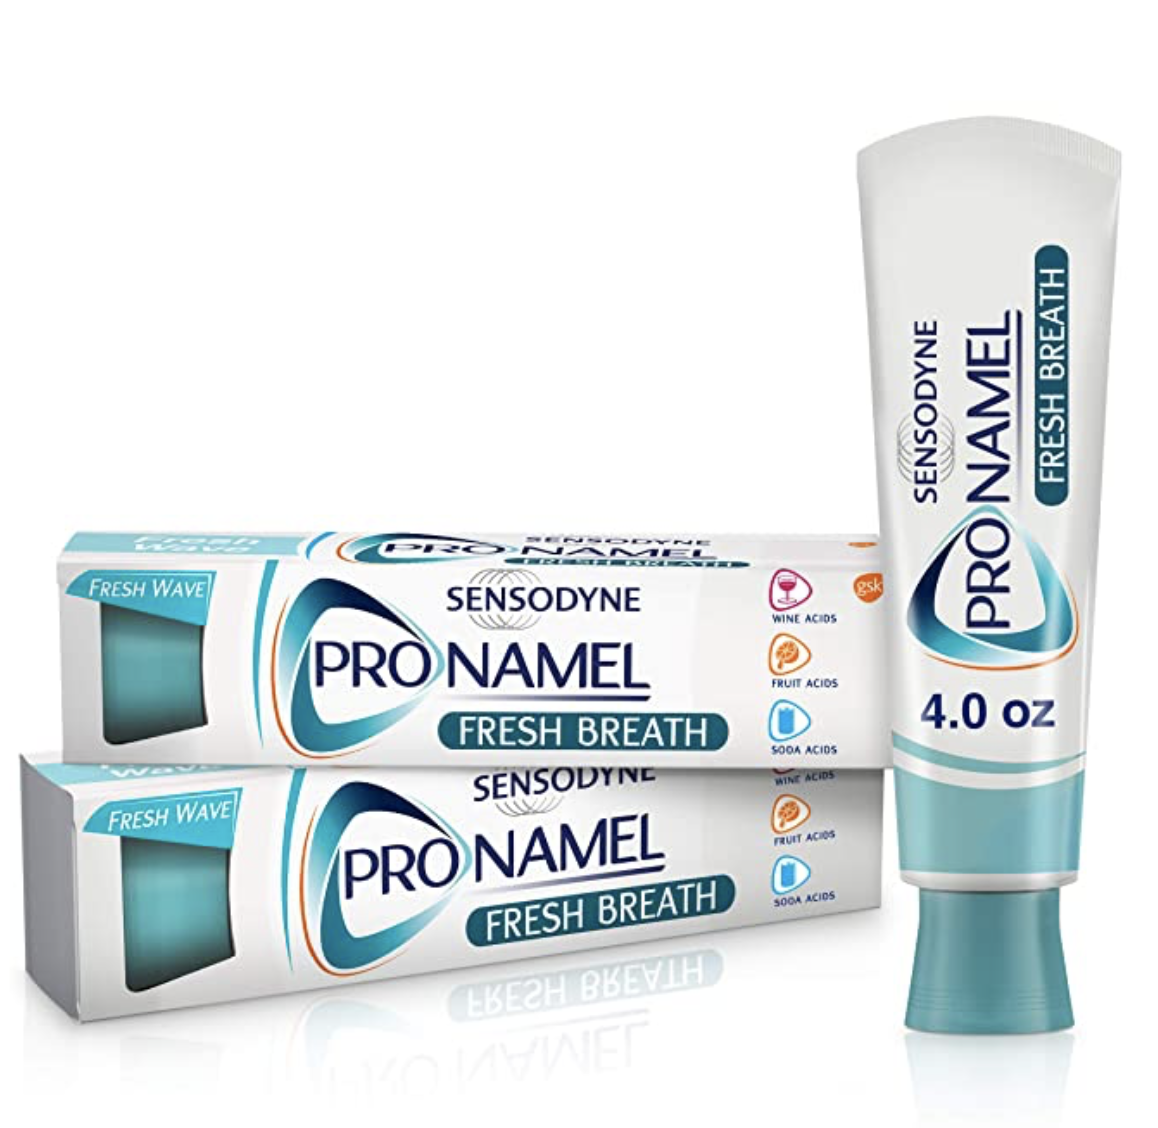 Amazon: Extra 25% off sensodyne toothpaste